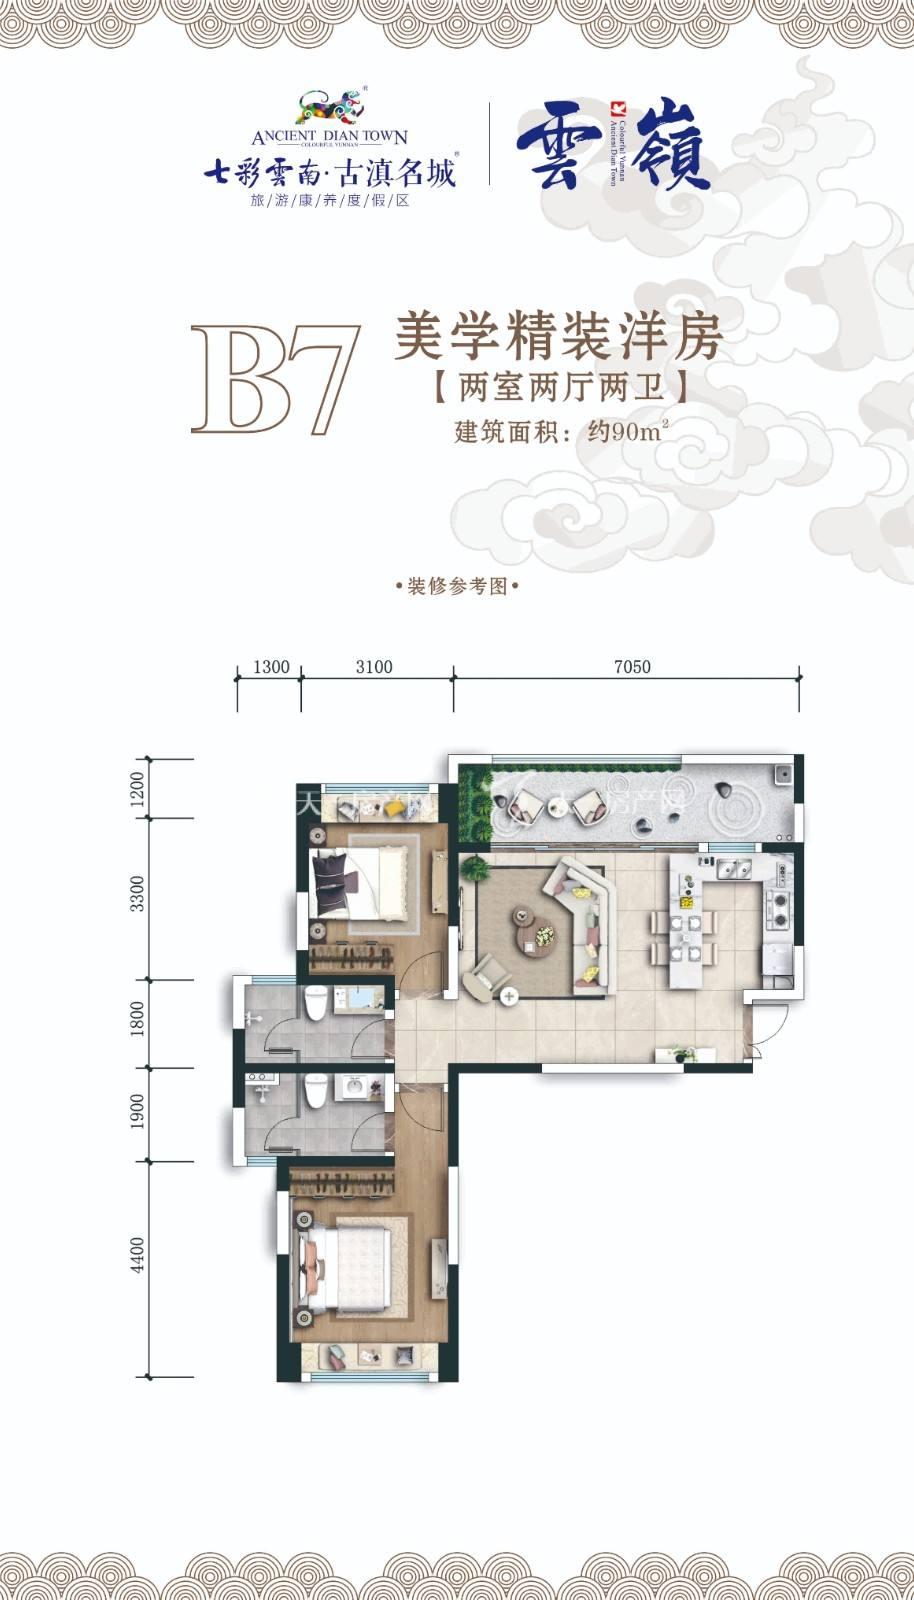 七彩云南古滇名城雲嶺B7户型两室两厅两卫 约90㎡